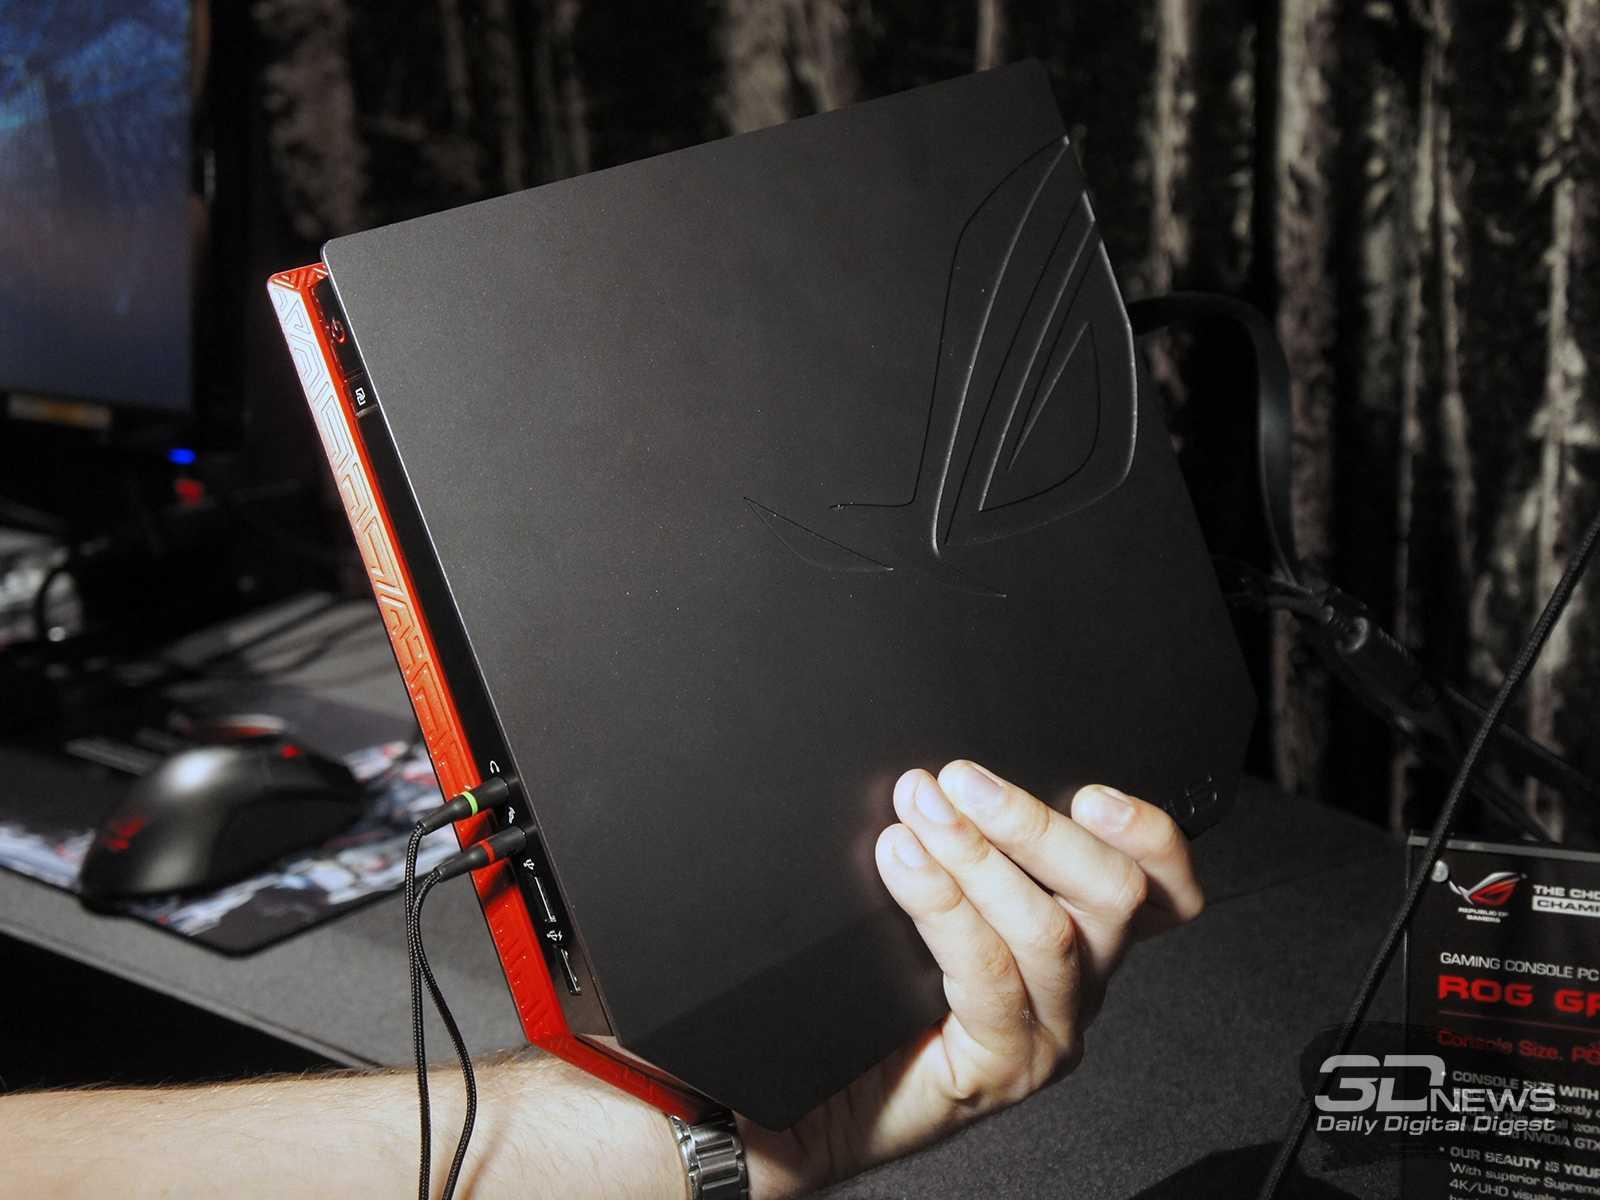 Обзор игрового full hd-монитора asus rog strix xg27vq: ещё больше света